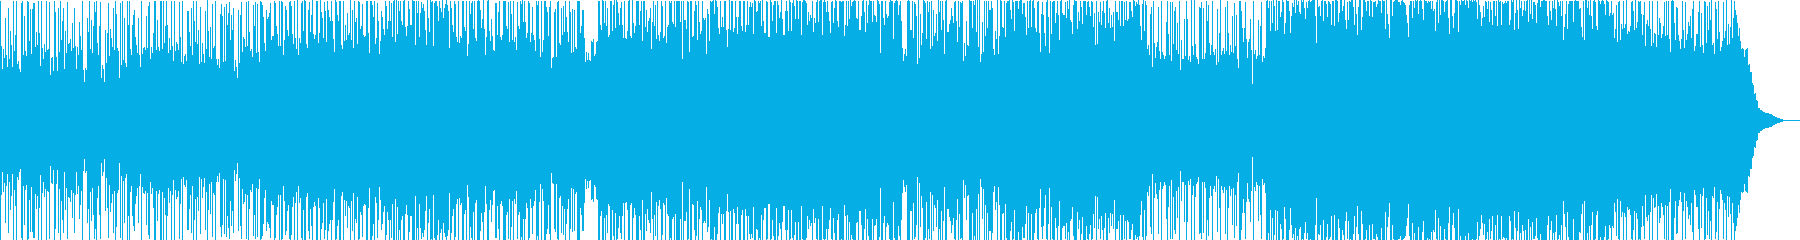 やさしいほっこりドラマチックな癒しの曲の再生済みの波形